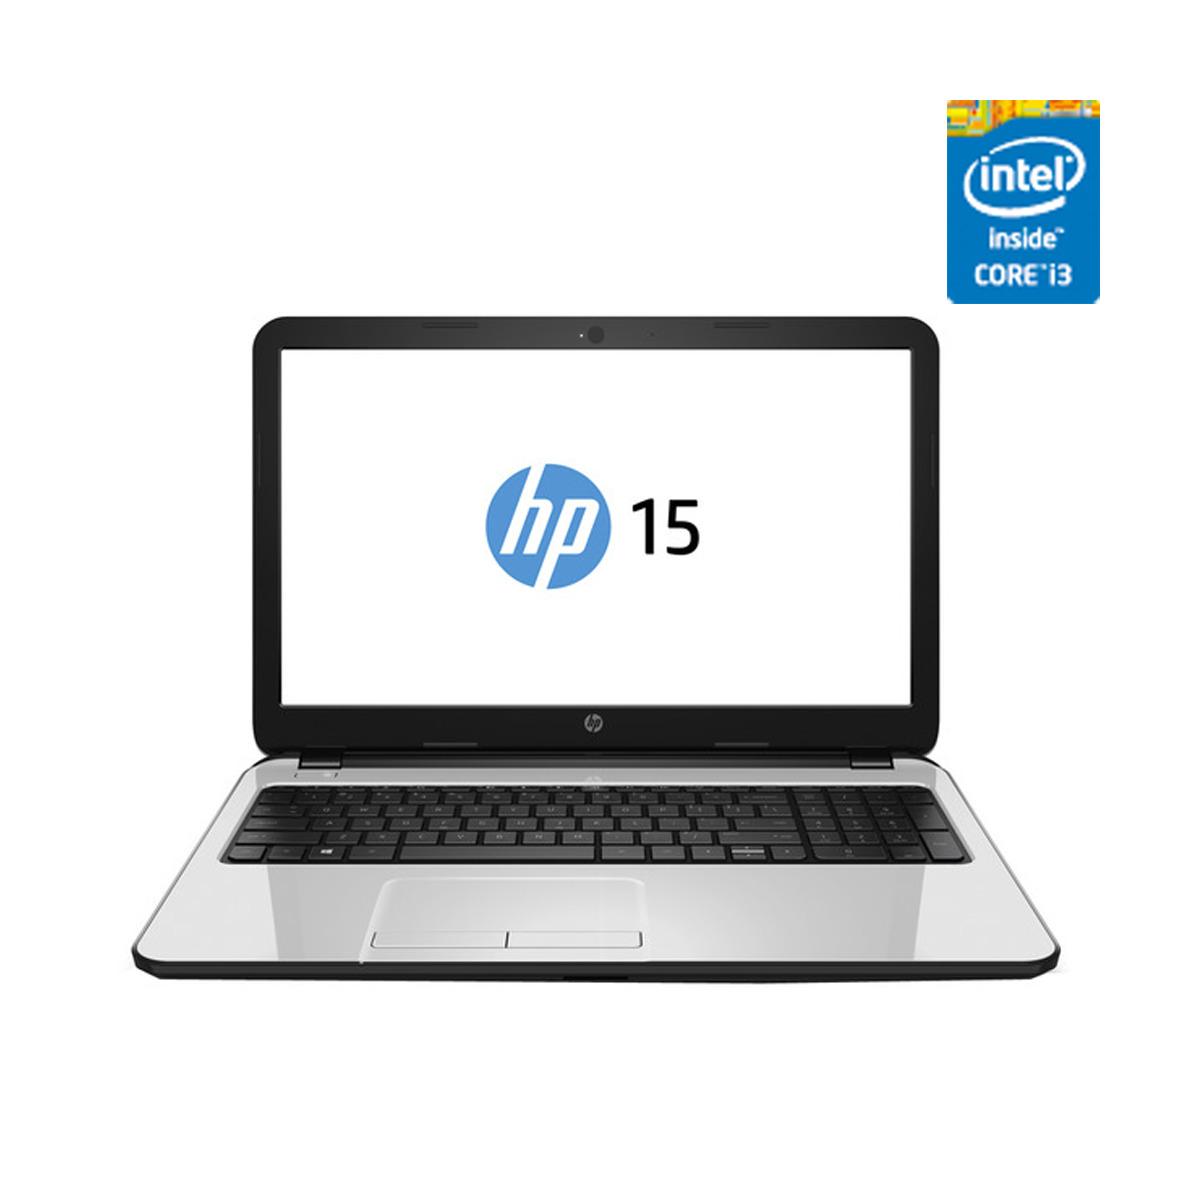 Portátil HP Pavilion 15,6'' 15-r218ns Intel Core i3-4005U